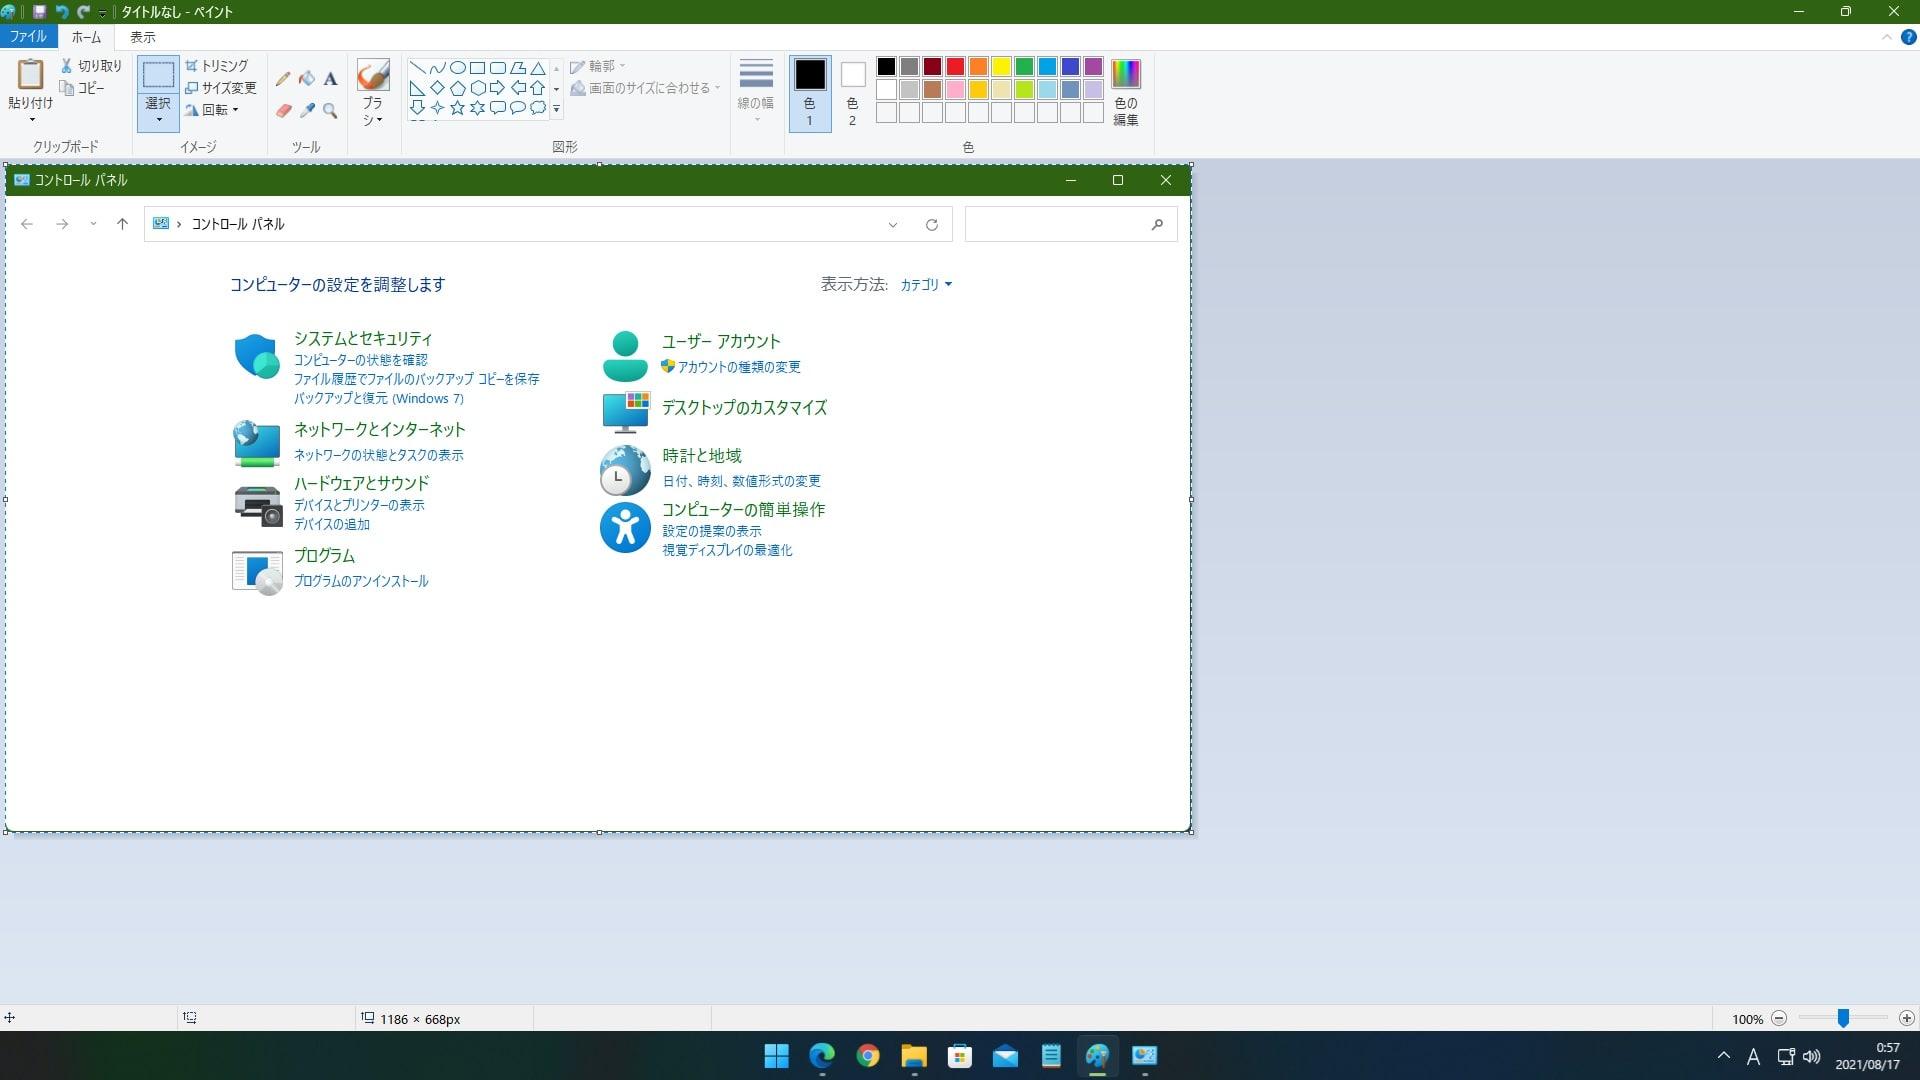 デスクトップ画面に表示されているコントールパネル画面のスクリーンショット